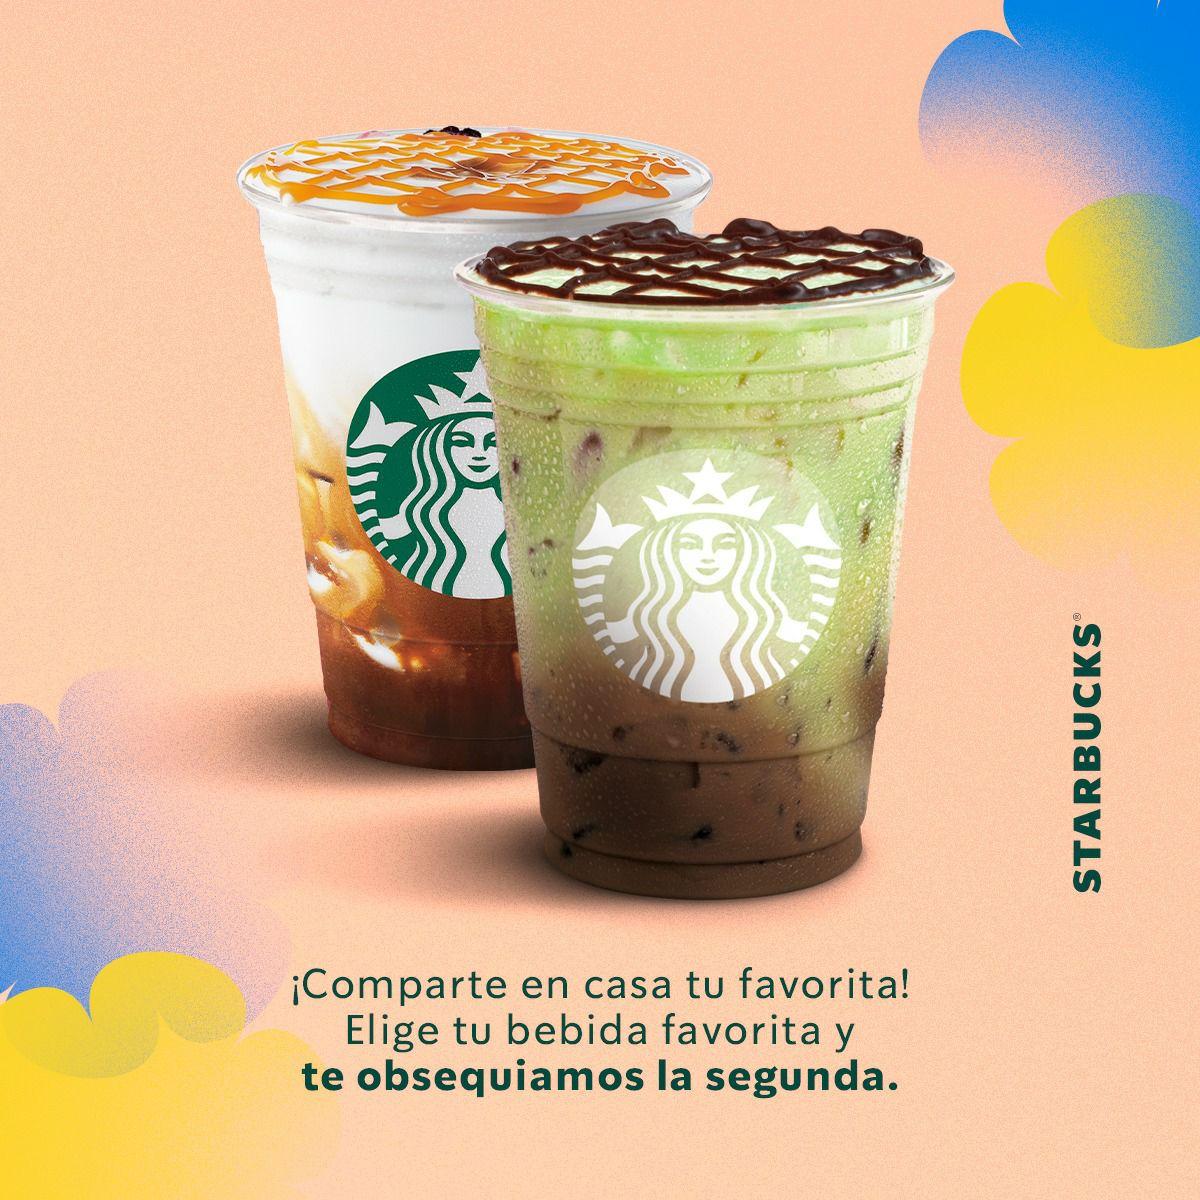 Starbucks 2x1 choco mint